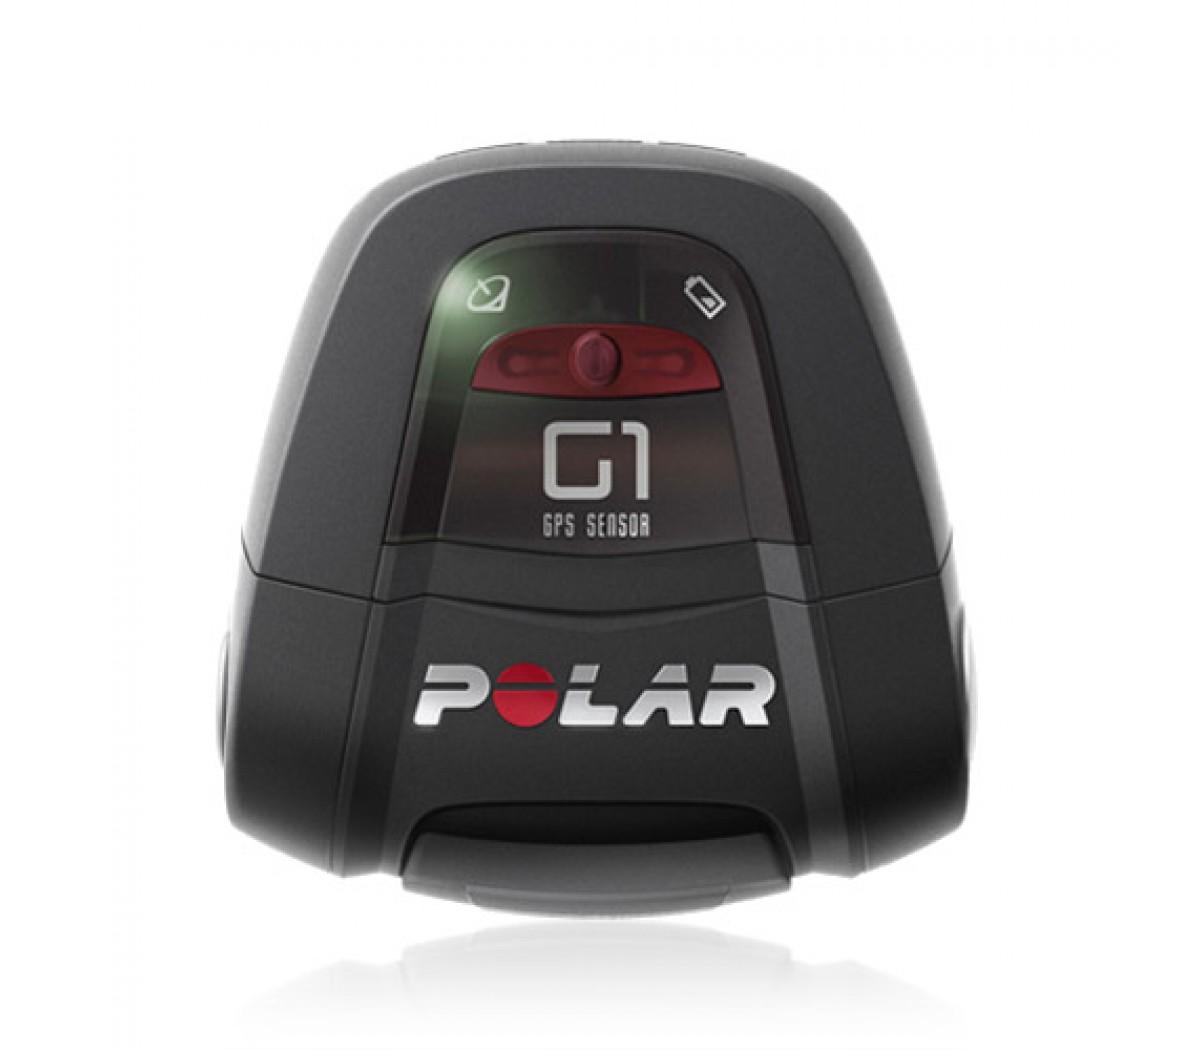 De Polar G1 GPS sensor meet snelheid en afstand tijdens buitensporten, zoals hardlopen of fietsen. Het bereik van de snelheid van de G1 sensor is 0 - 199 km/uur.